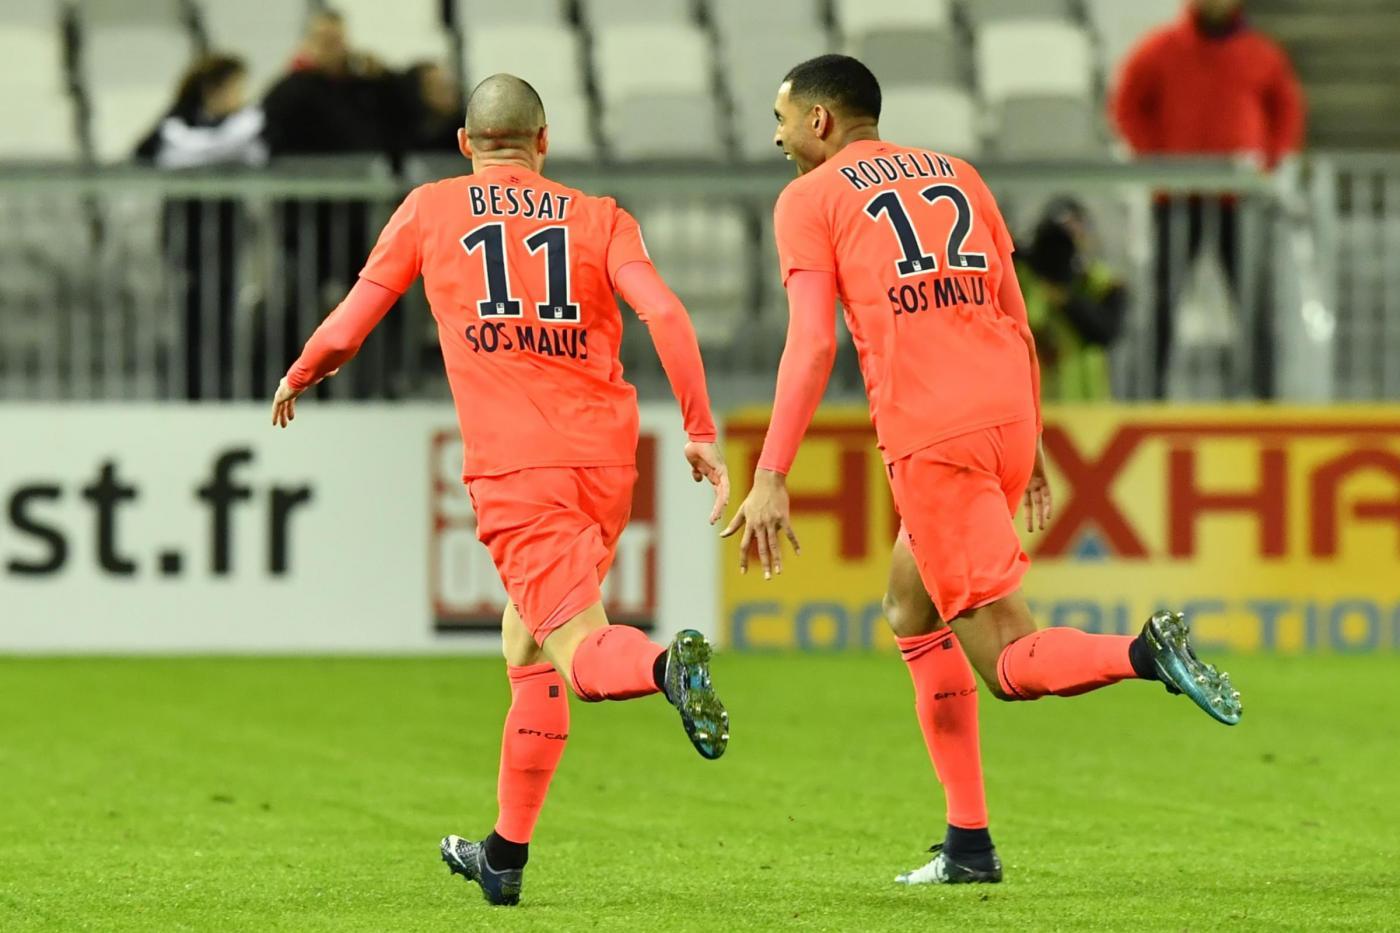 Caen-Monaco 24 novembre: si gioca per la 14 esima giornata della Serie A francese. E' una sfida delicata in zona retrocessione.